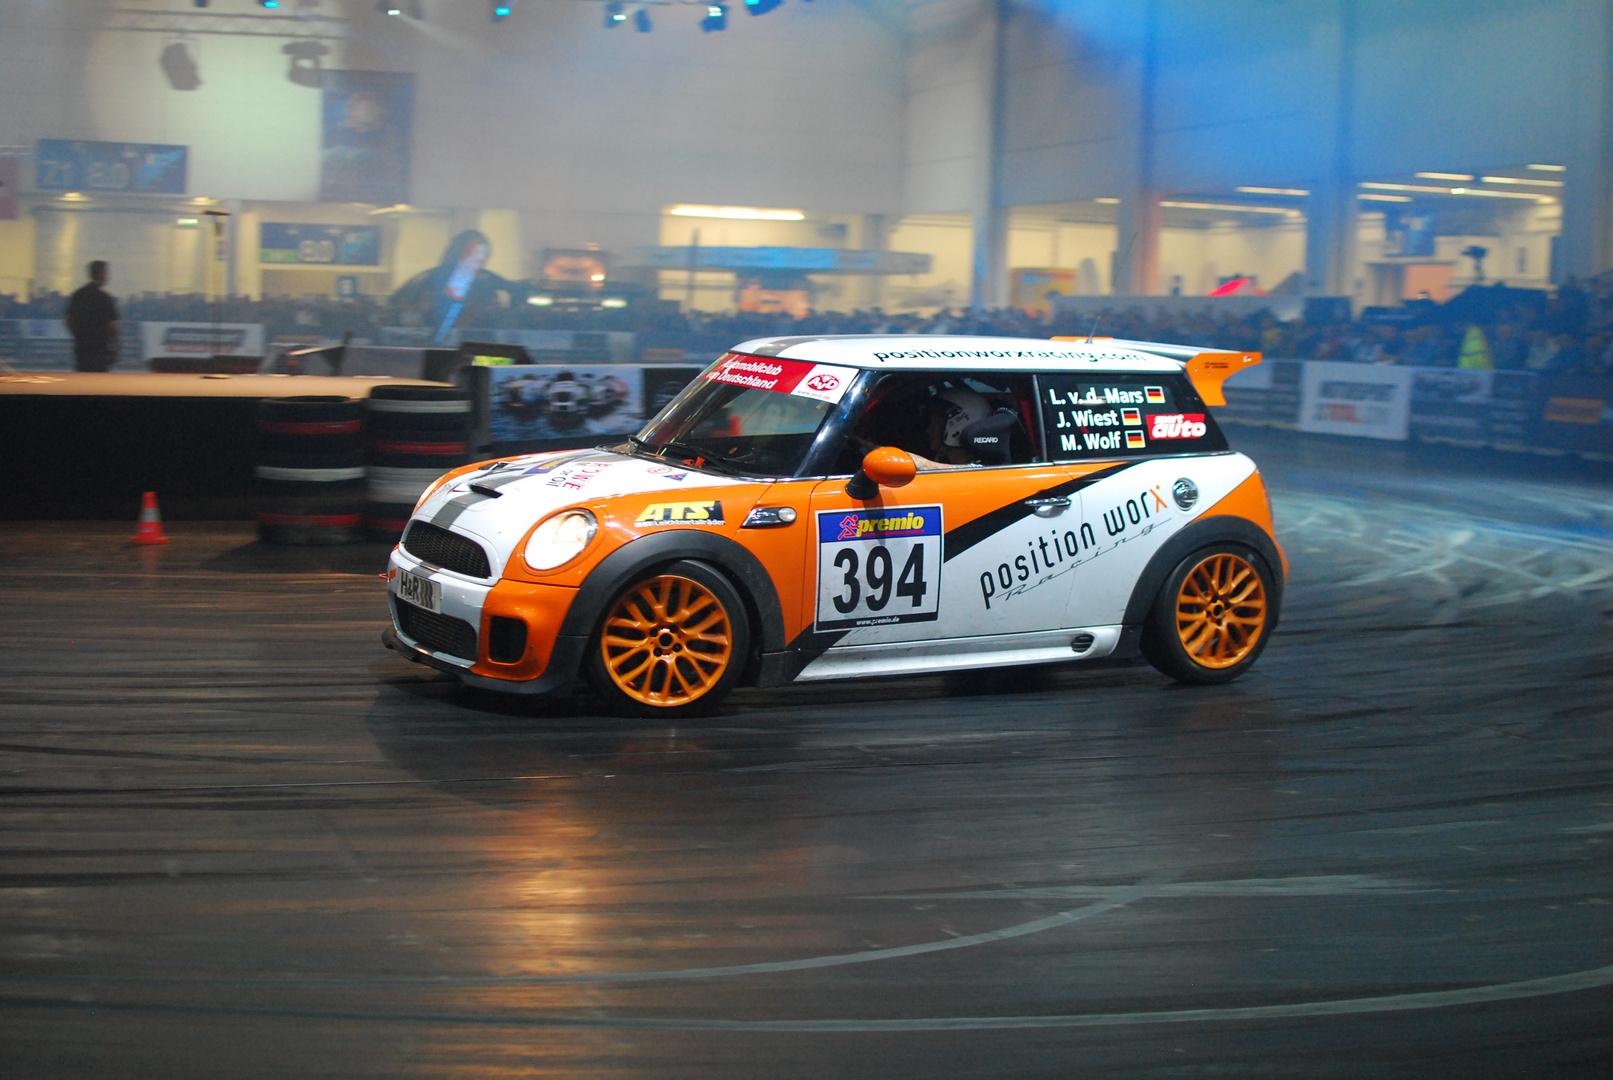 Essen Motor Show 2010 - Mini Cooper